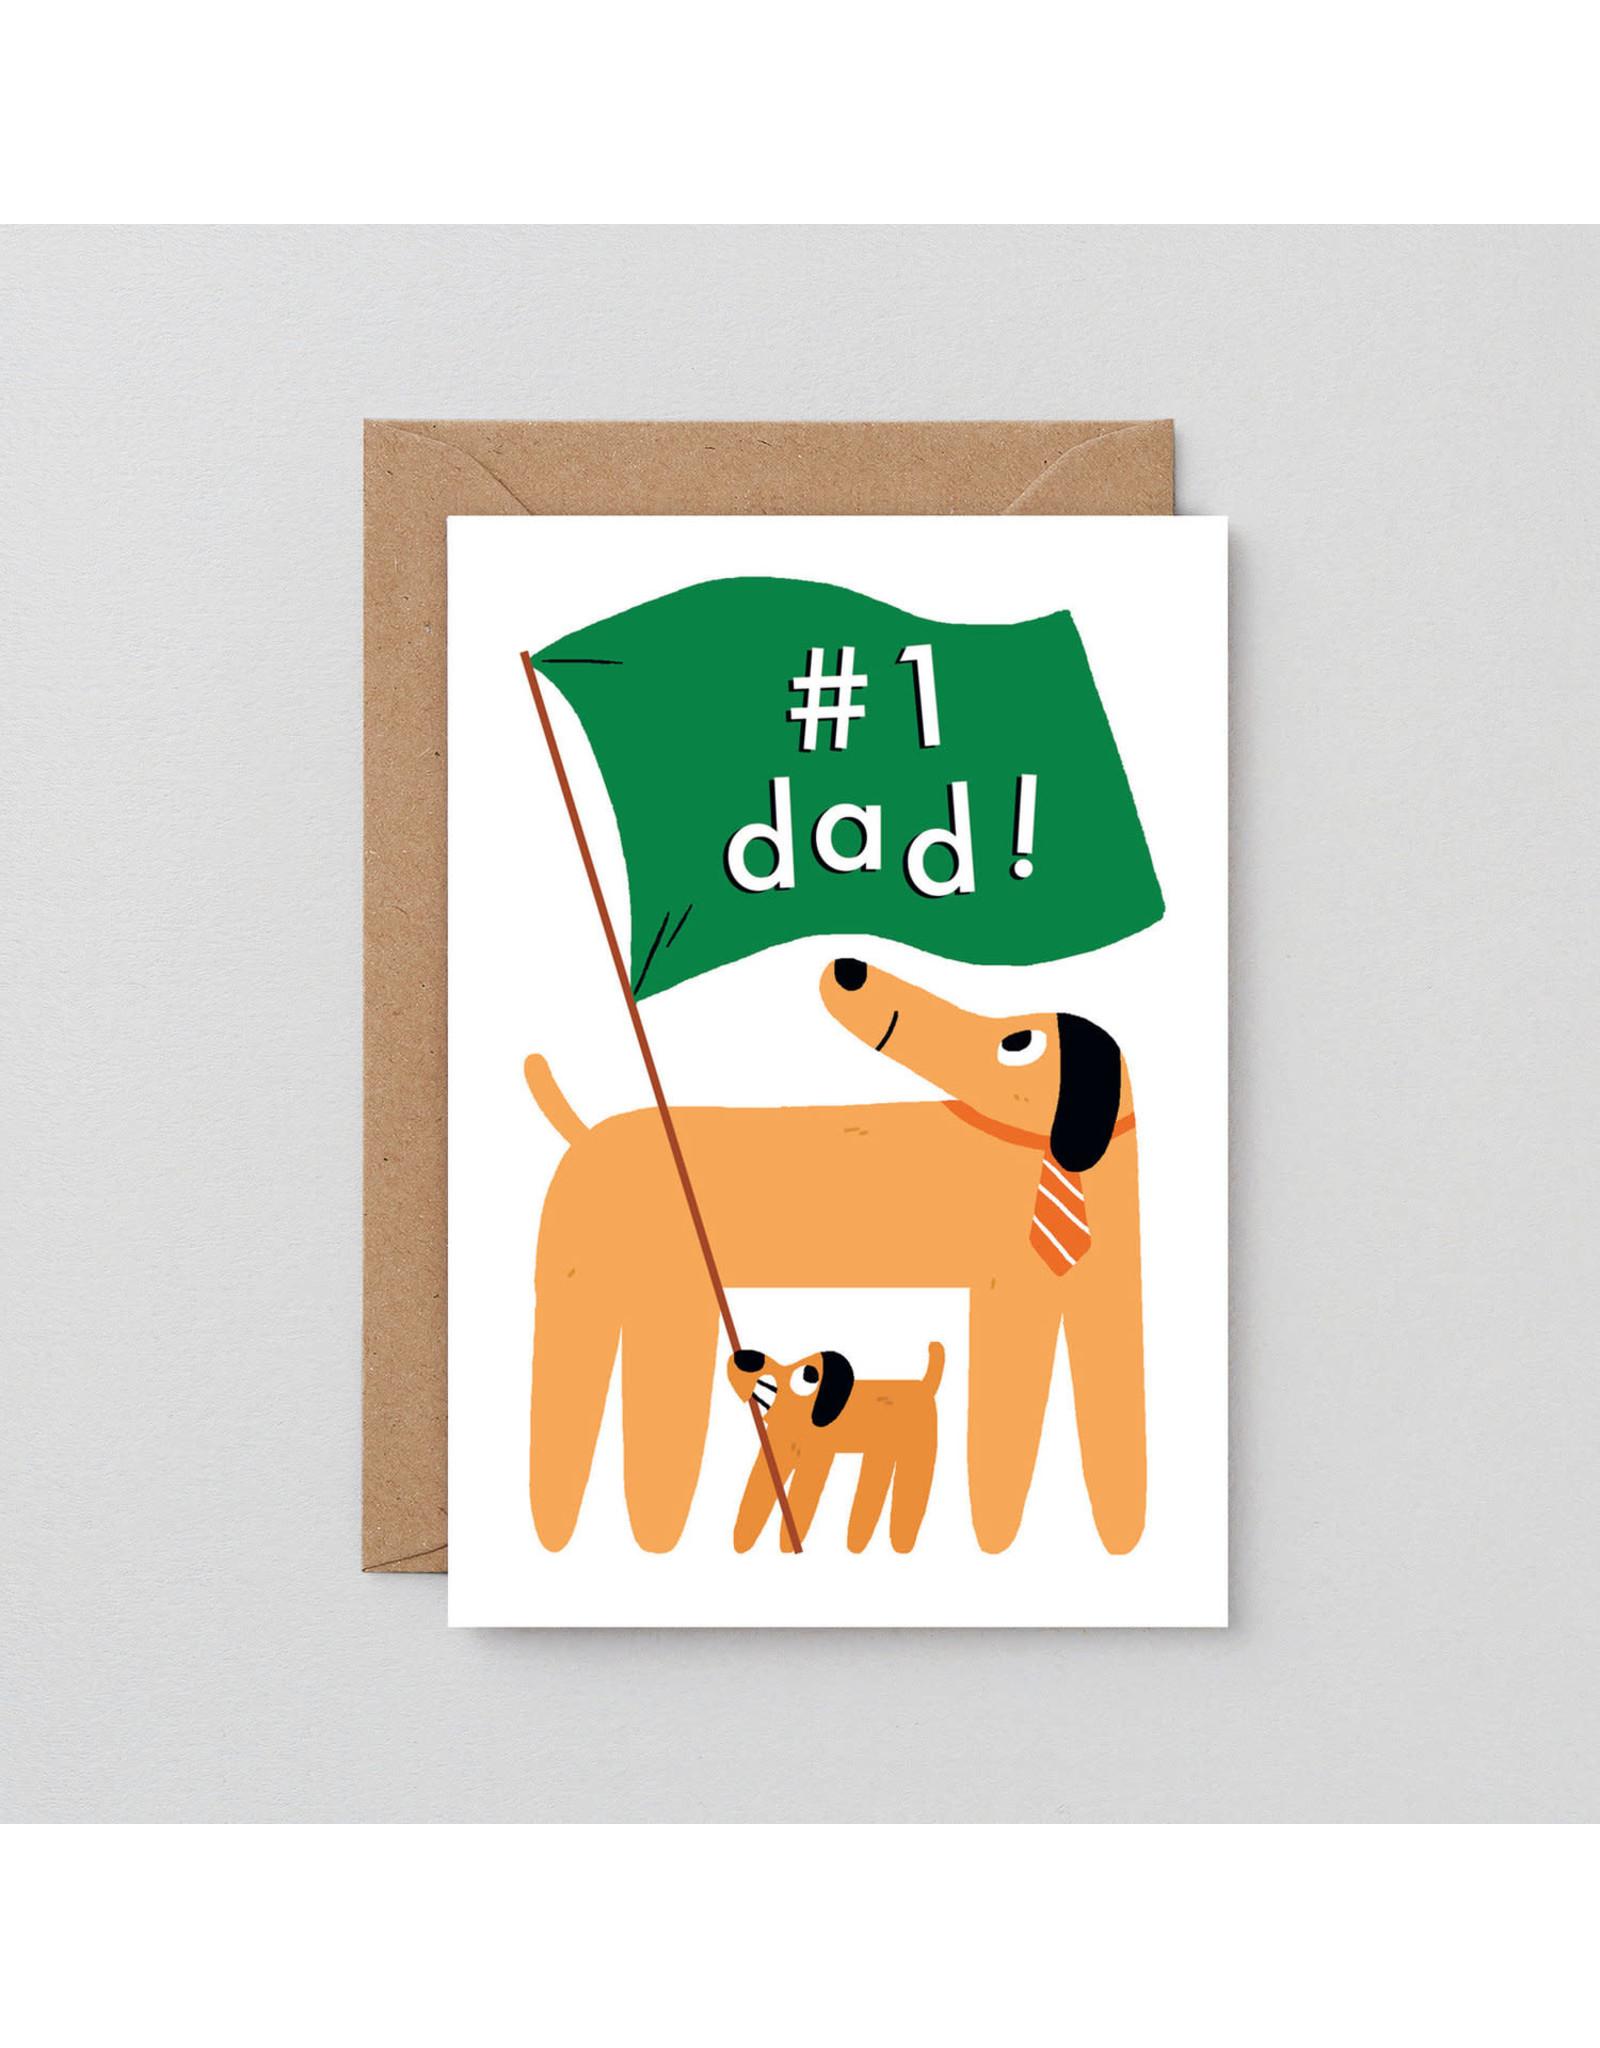 Wrap #1 dad